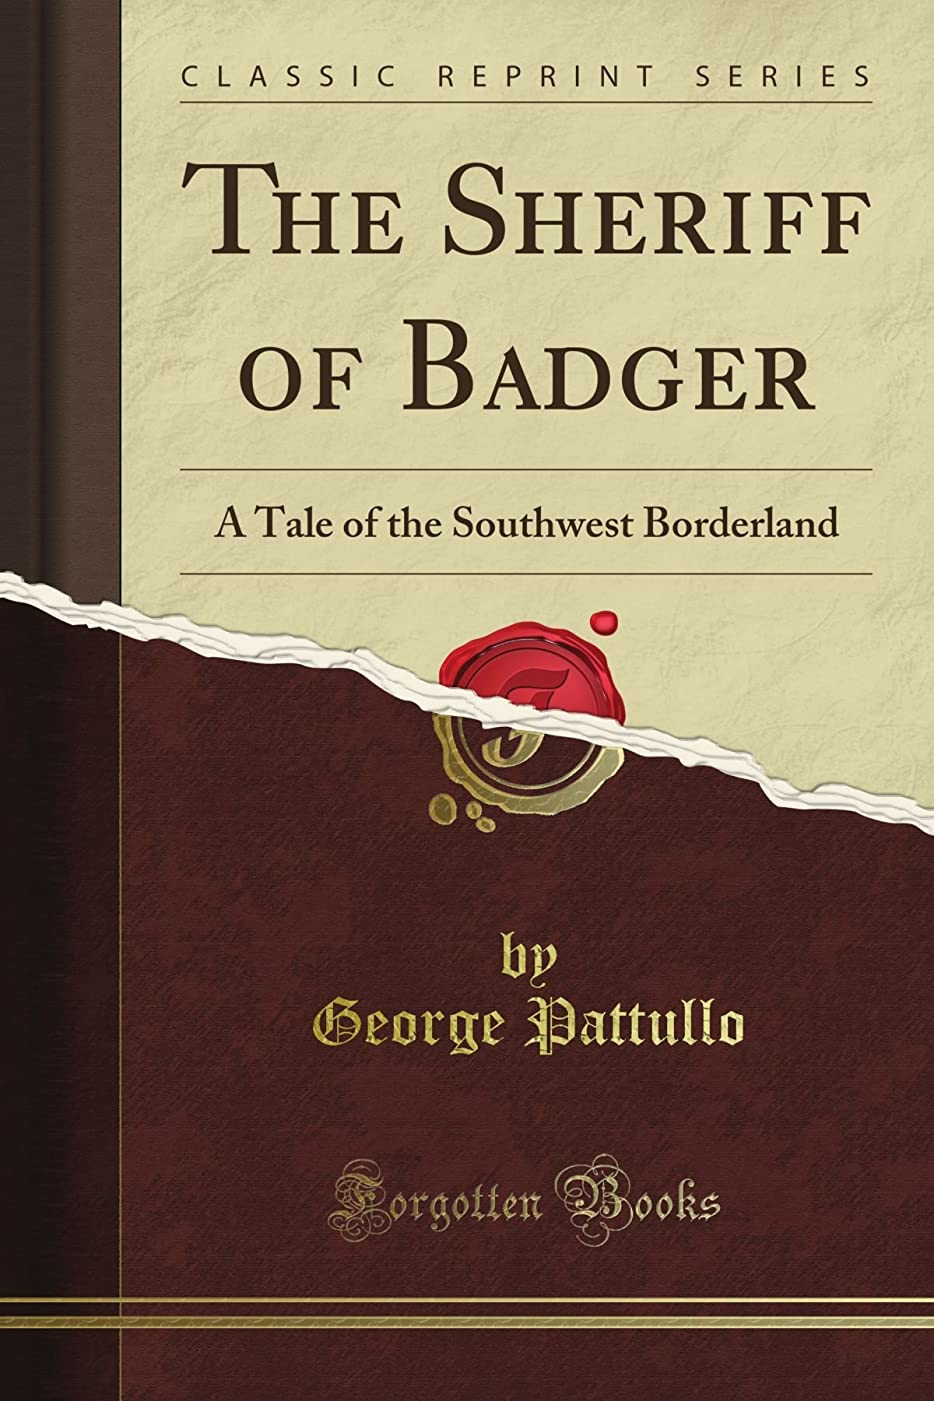 今までハンバーガーナビゲーションThe Sheriff of Badger: A Tale of the Southwest Borderland (Classic Reprint)